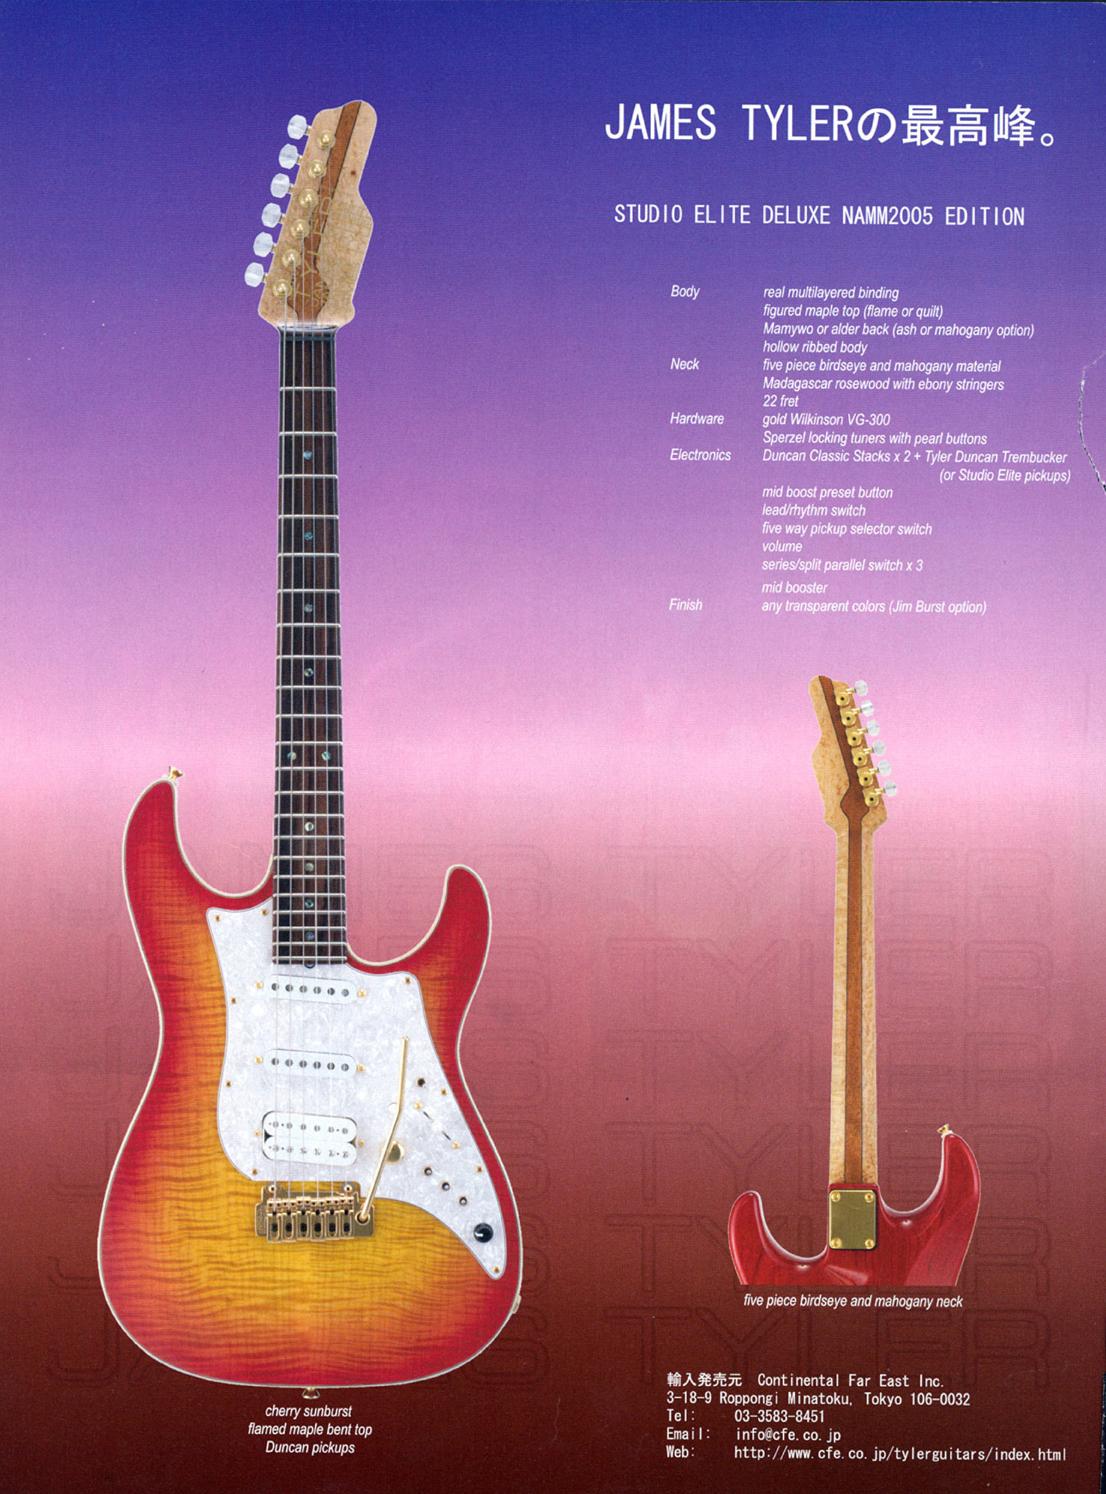 Copy of 2005 Guitar Magazine